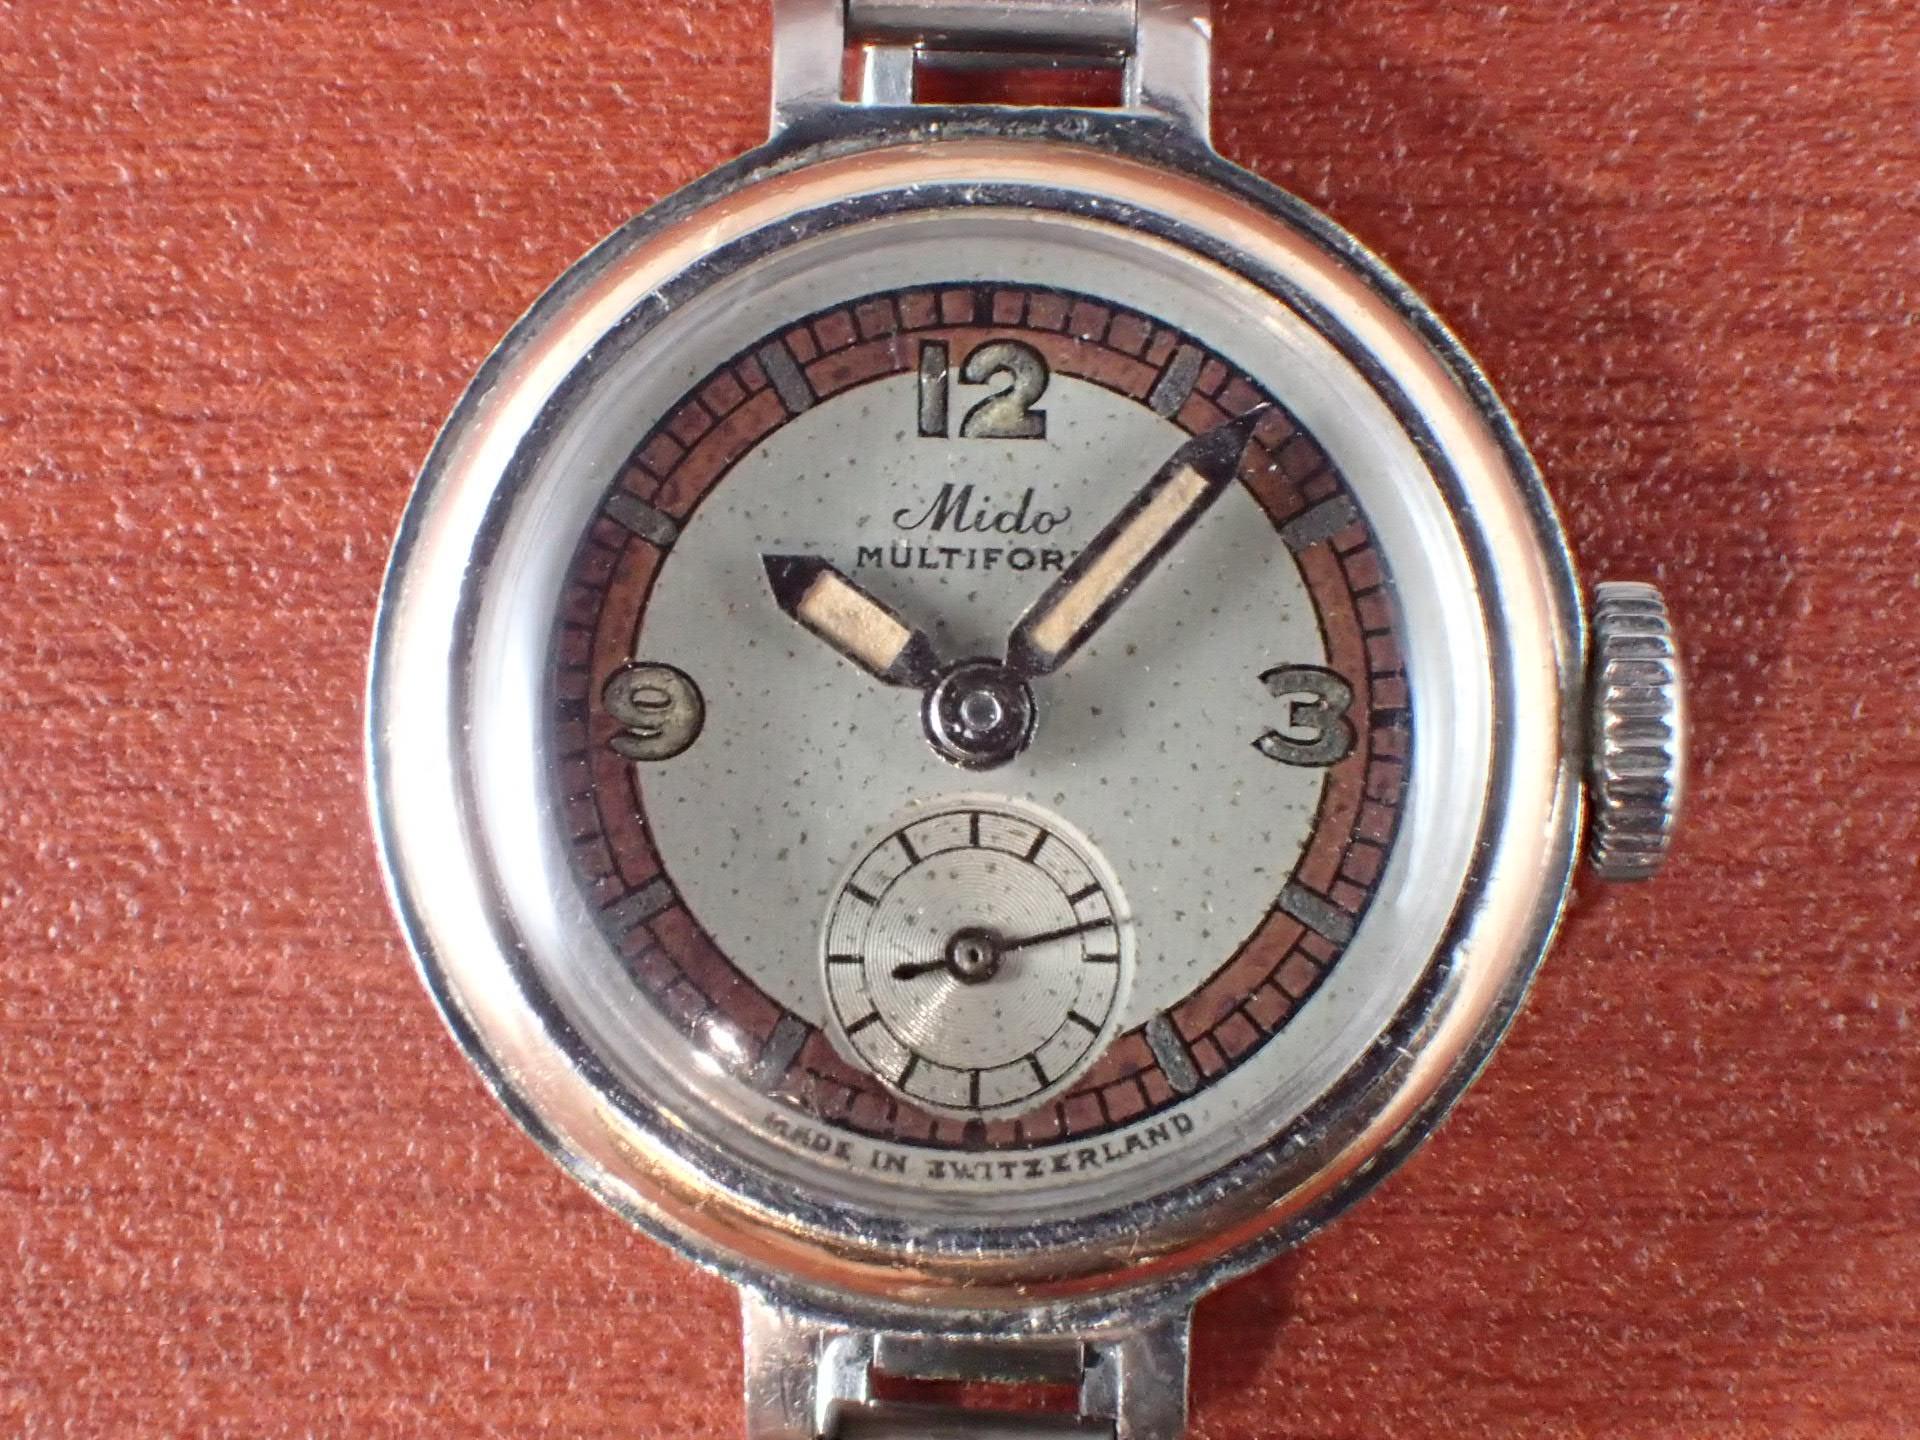 ミドー マルチフォート レディース セクターダイアル ボンクリップ付き 1930年代の写真2枚目